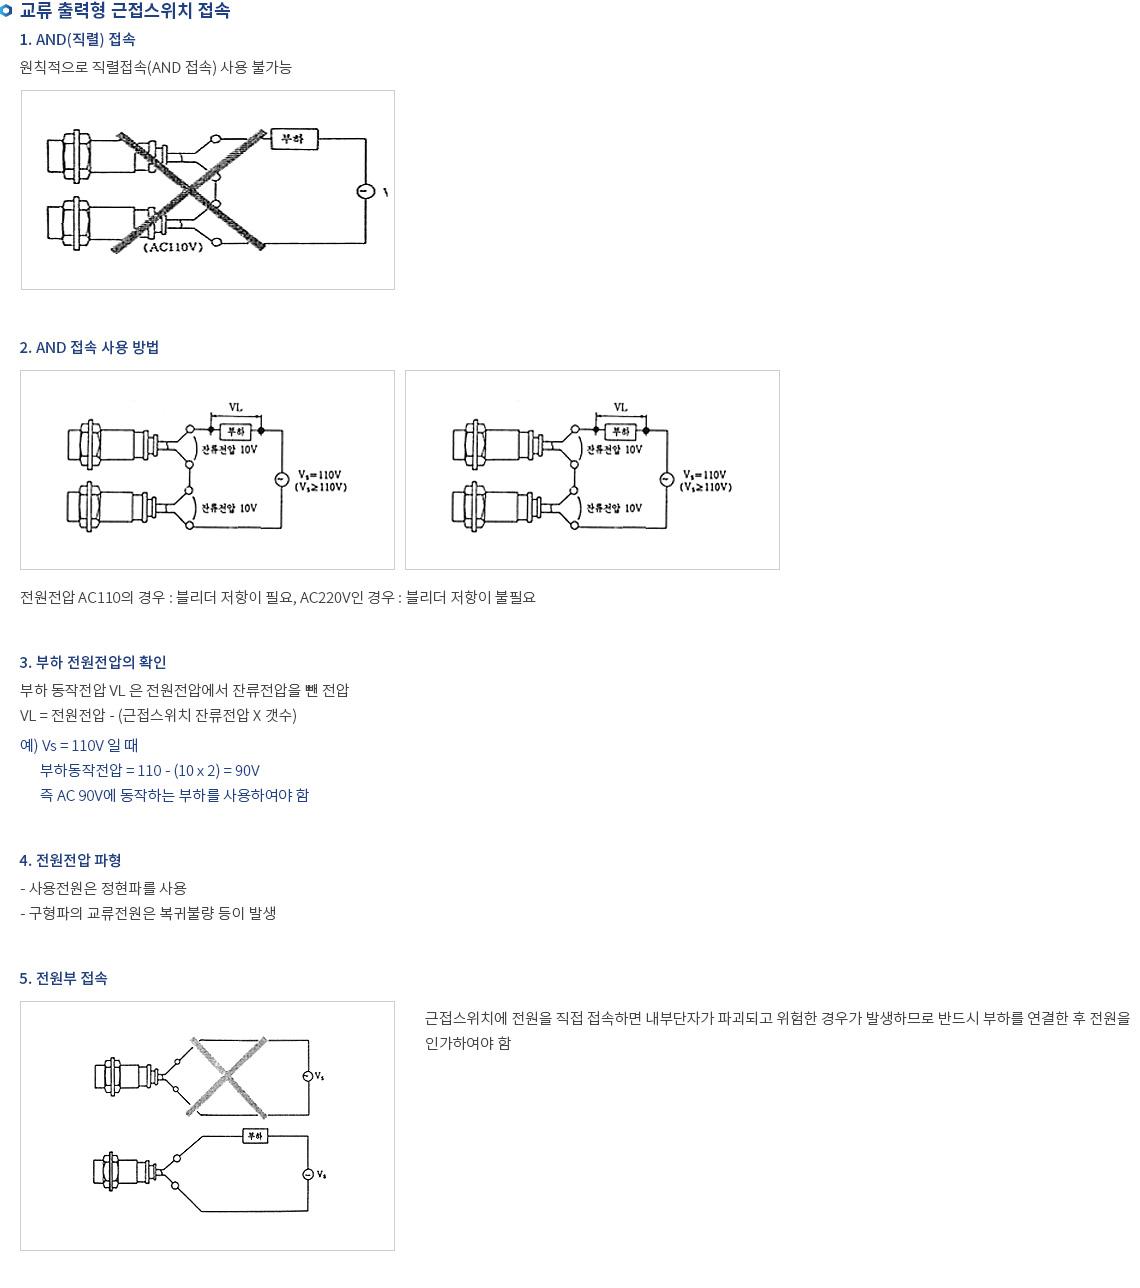 con_18.jpg